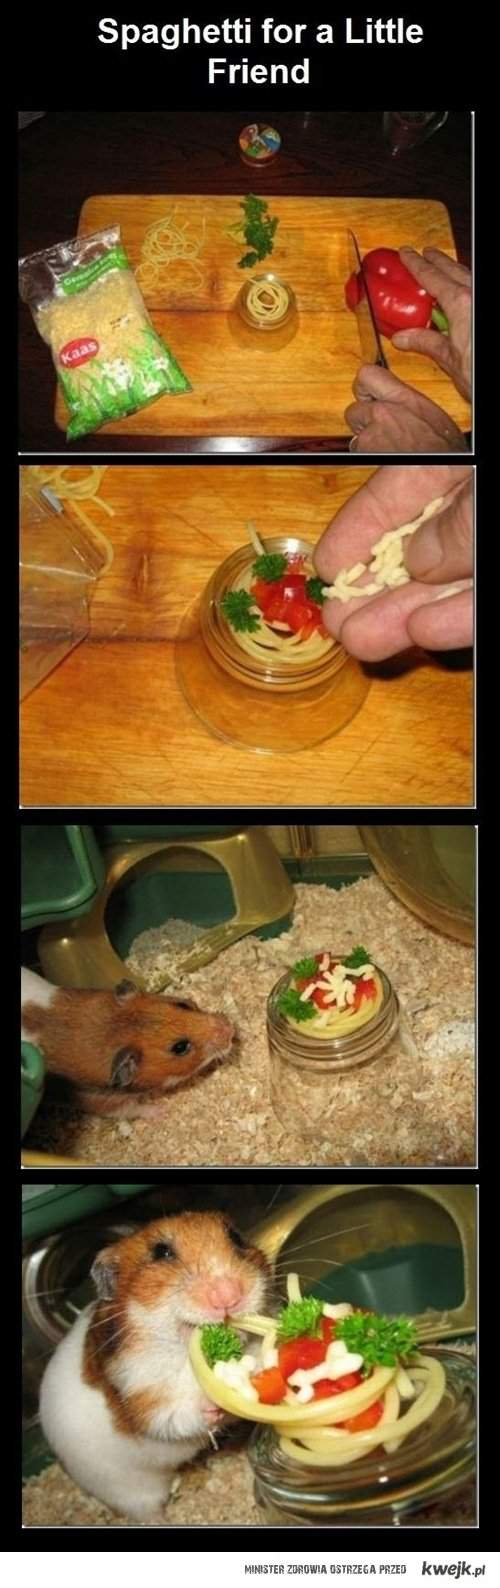 spaghetti for a friend